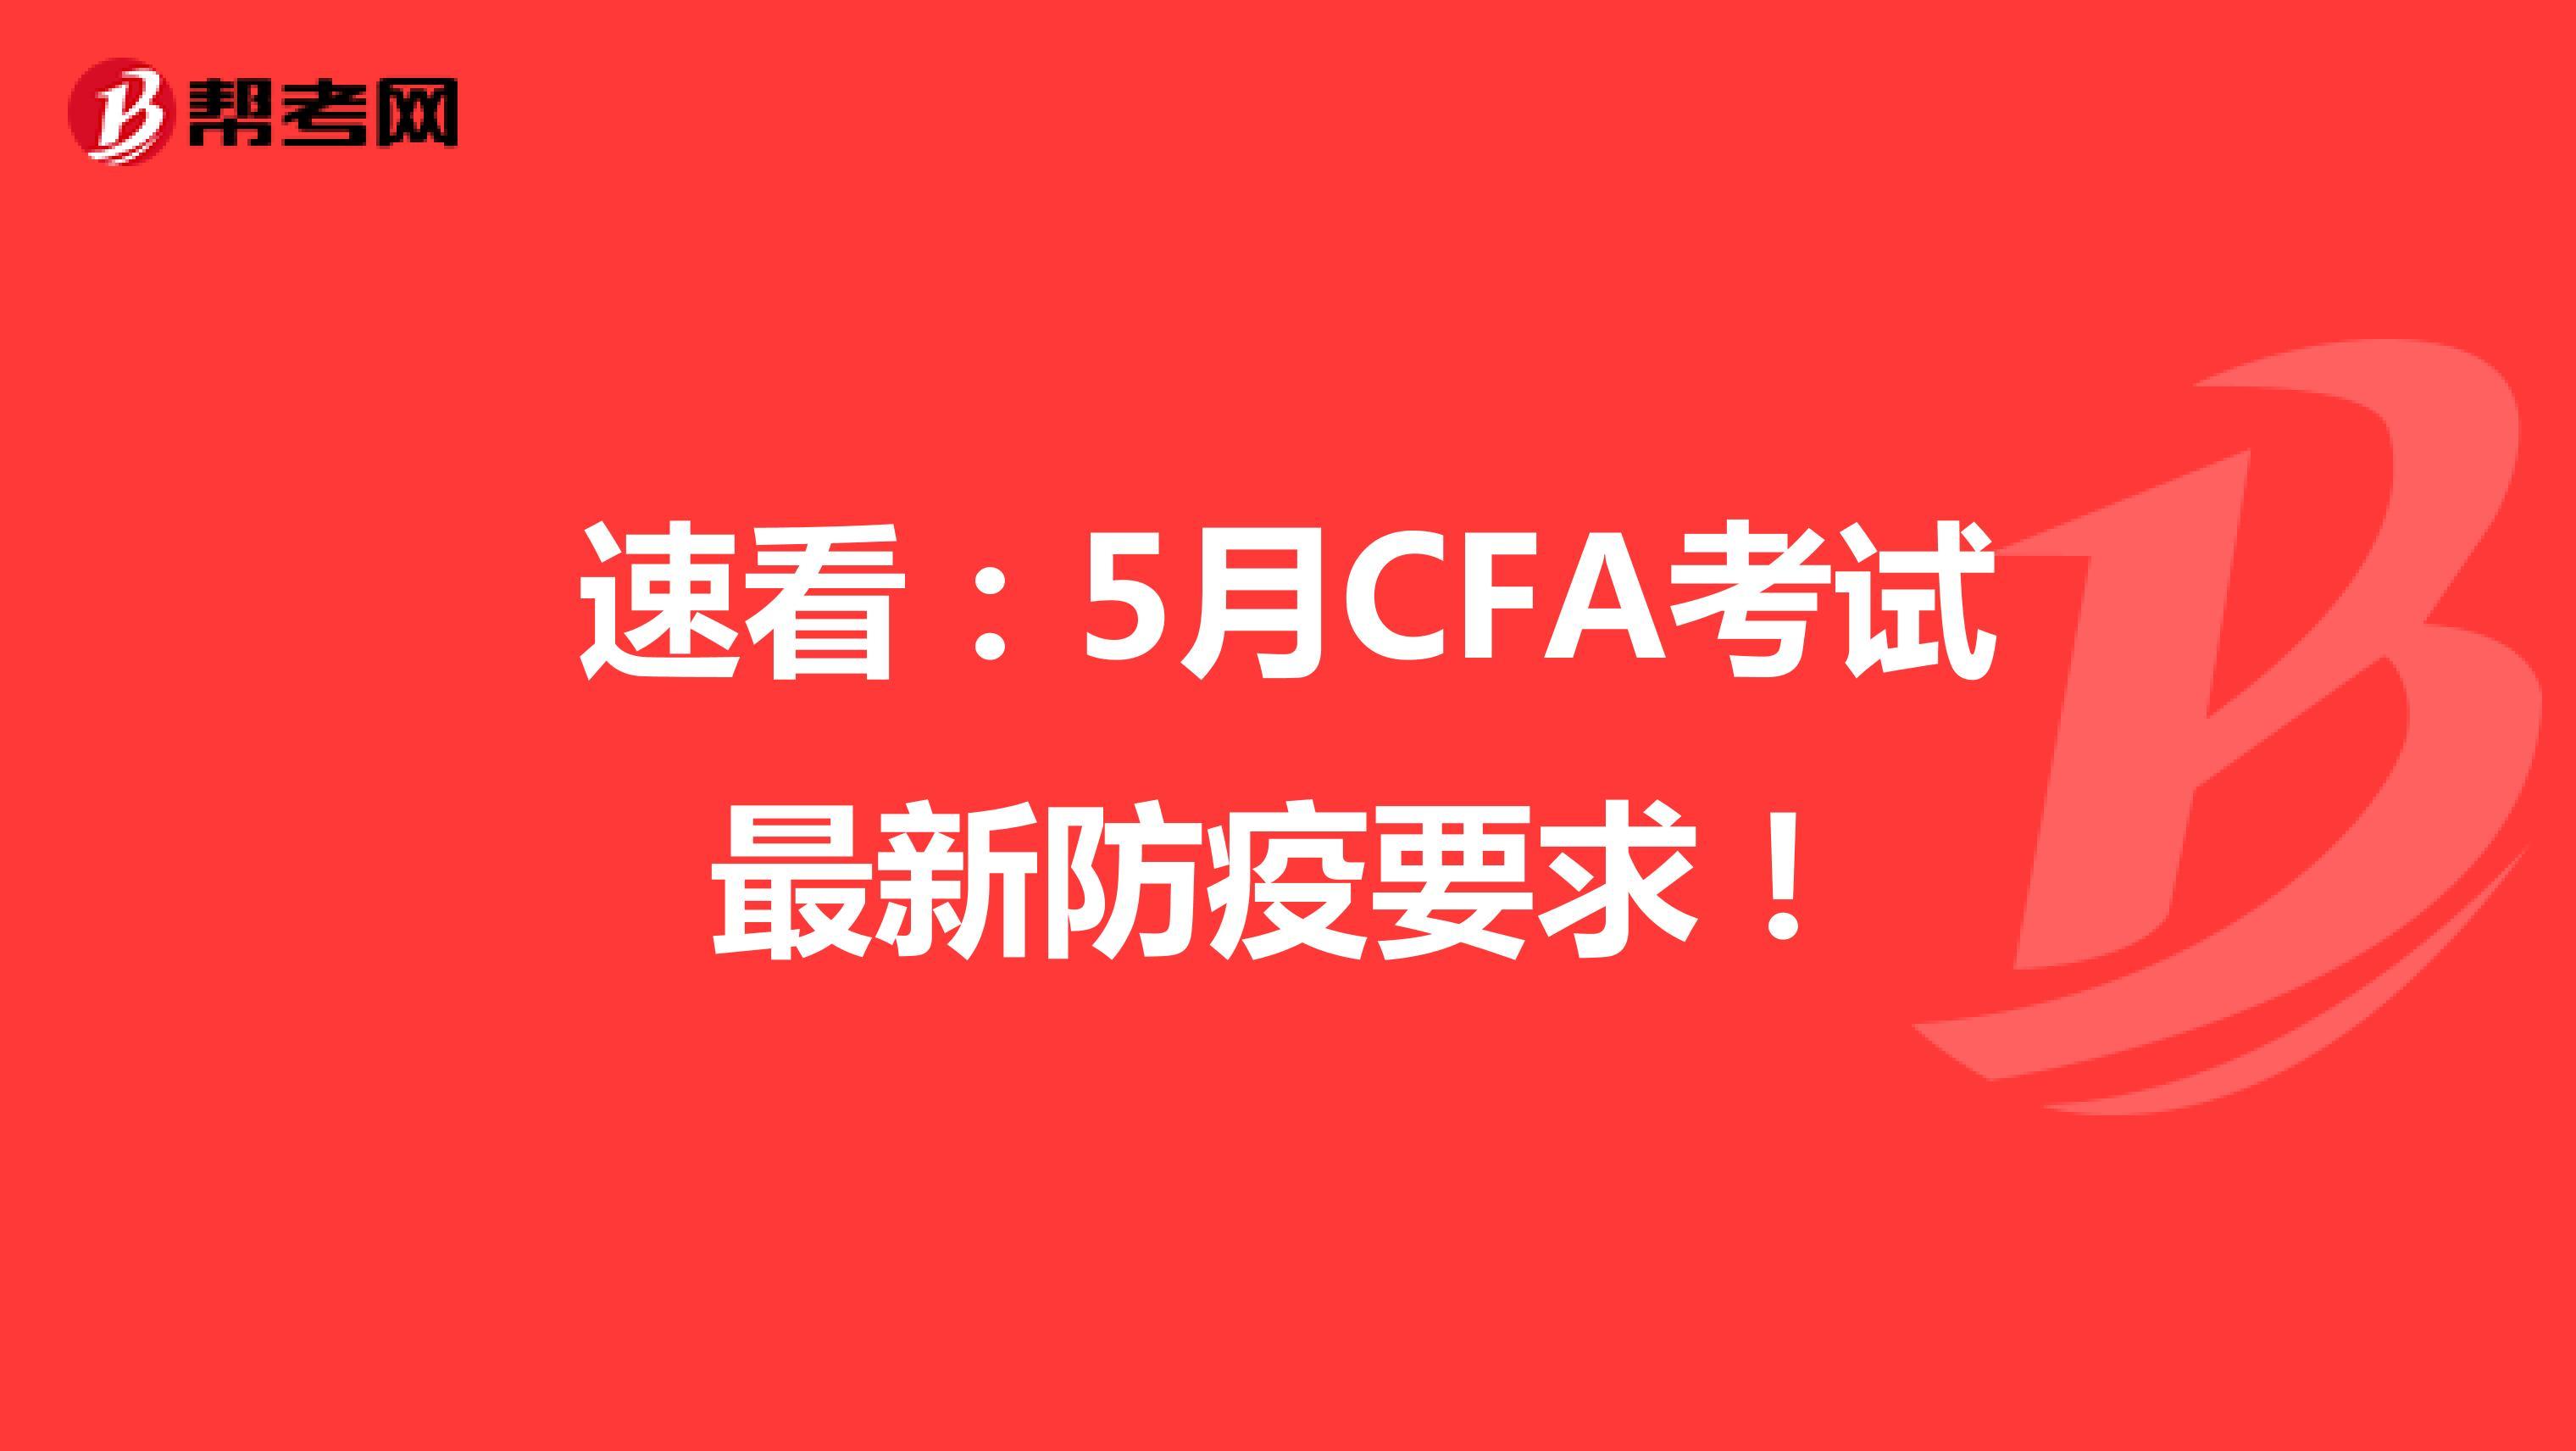 速看:5月CFA考试最新防疫要求!